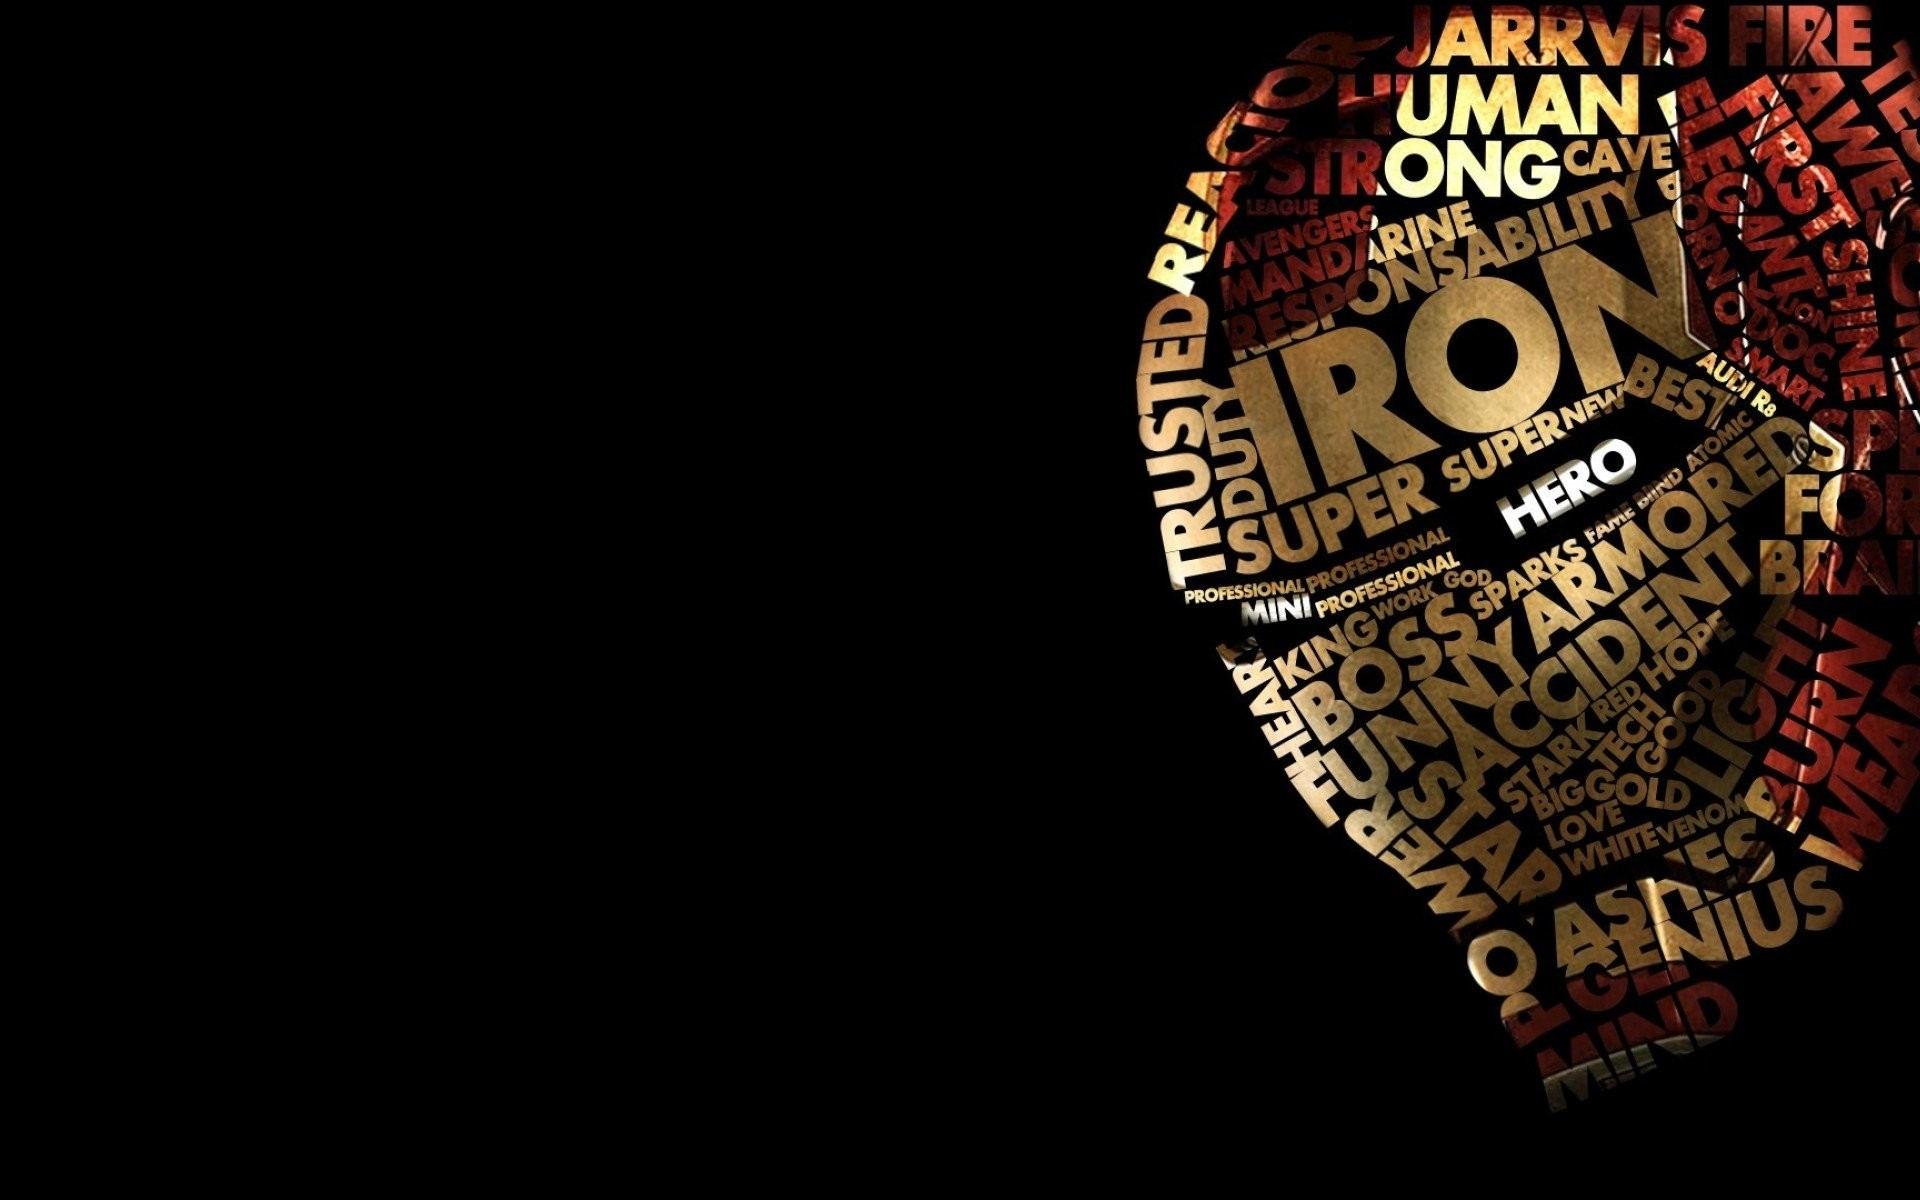 WWE John Cena Signature Desktop Background HD x   HD Wallpapers   Pinterest    Desktop backgrounds and Wallpaper